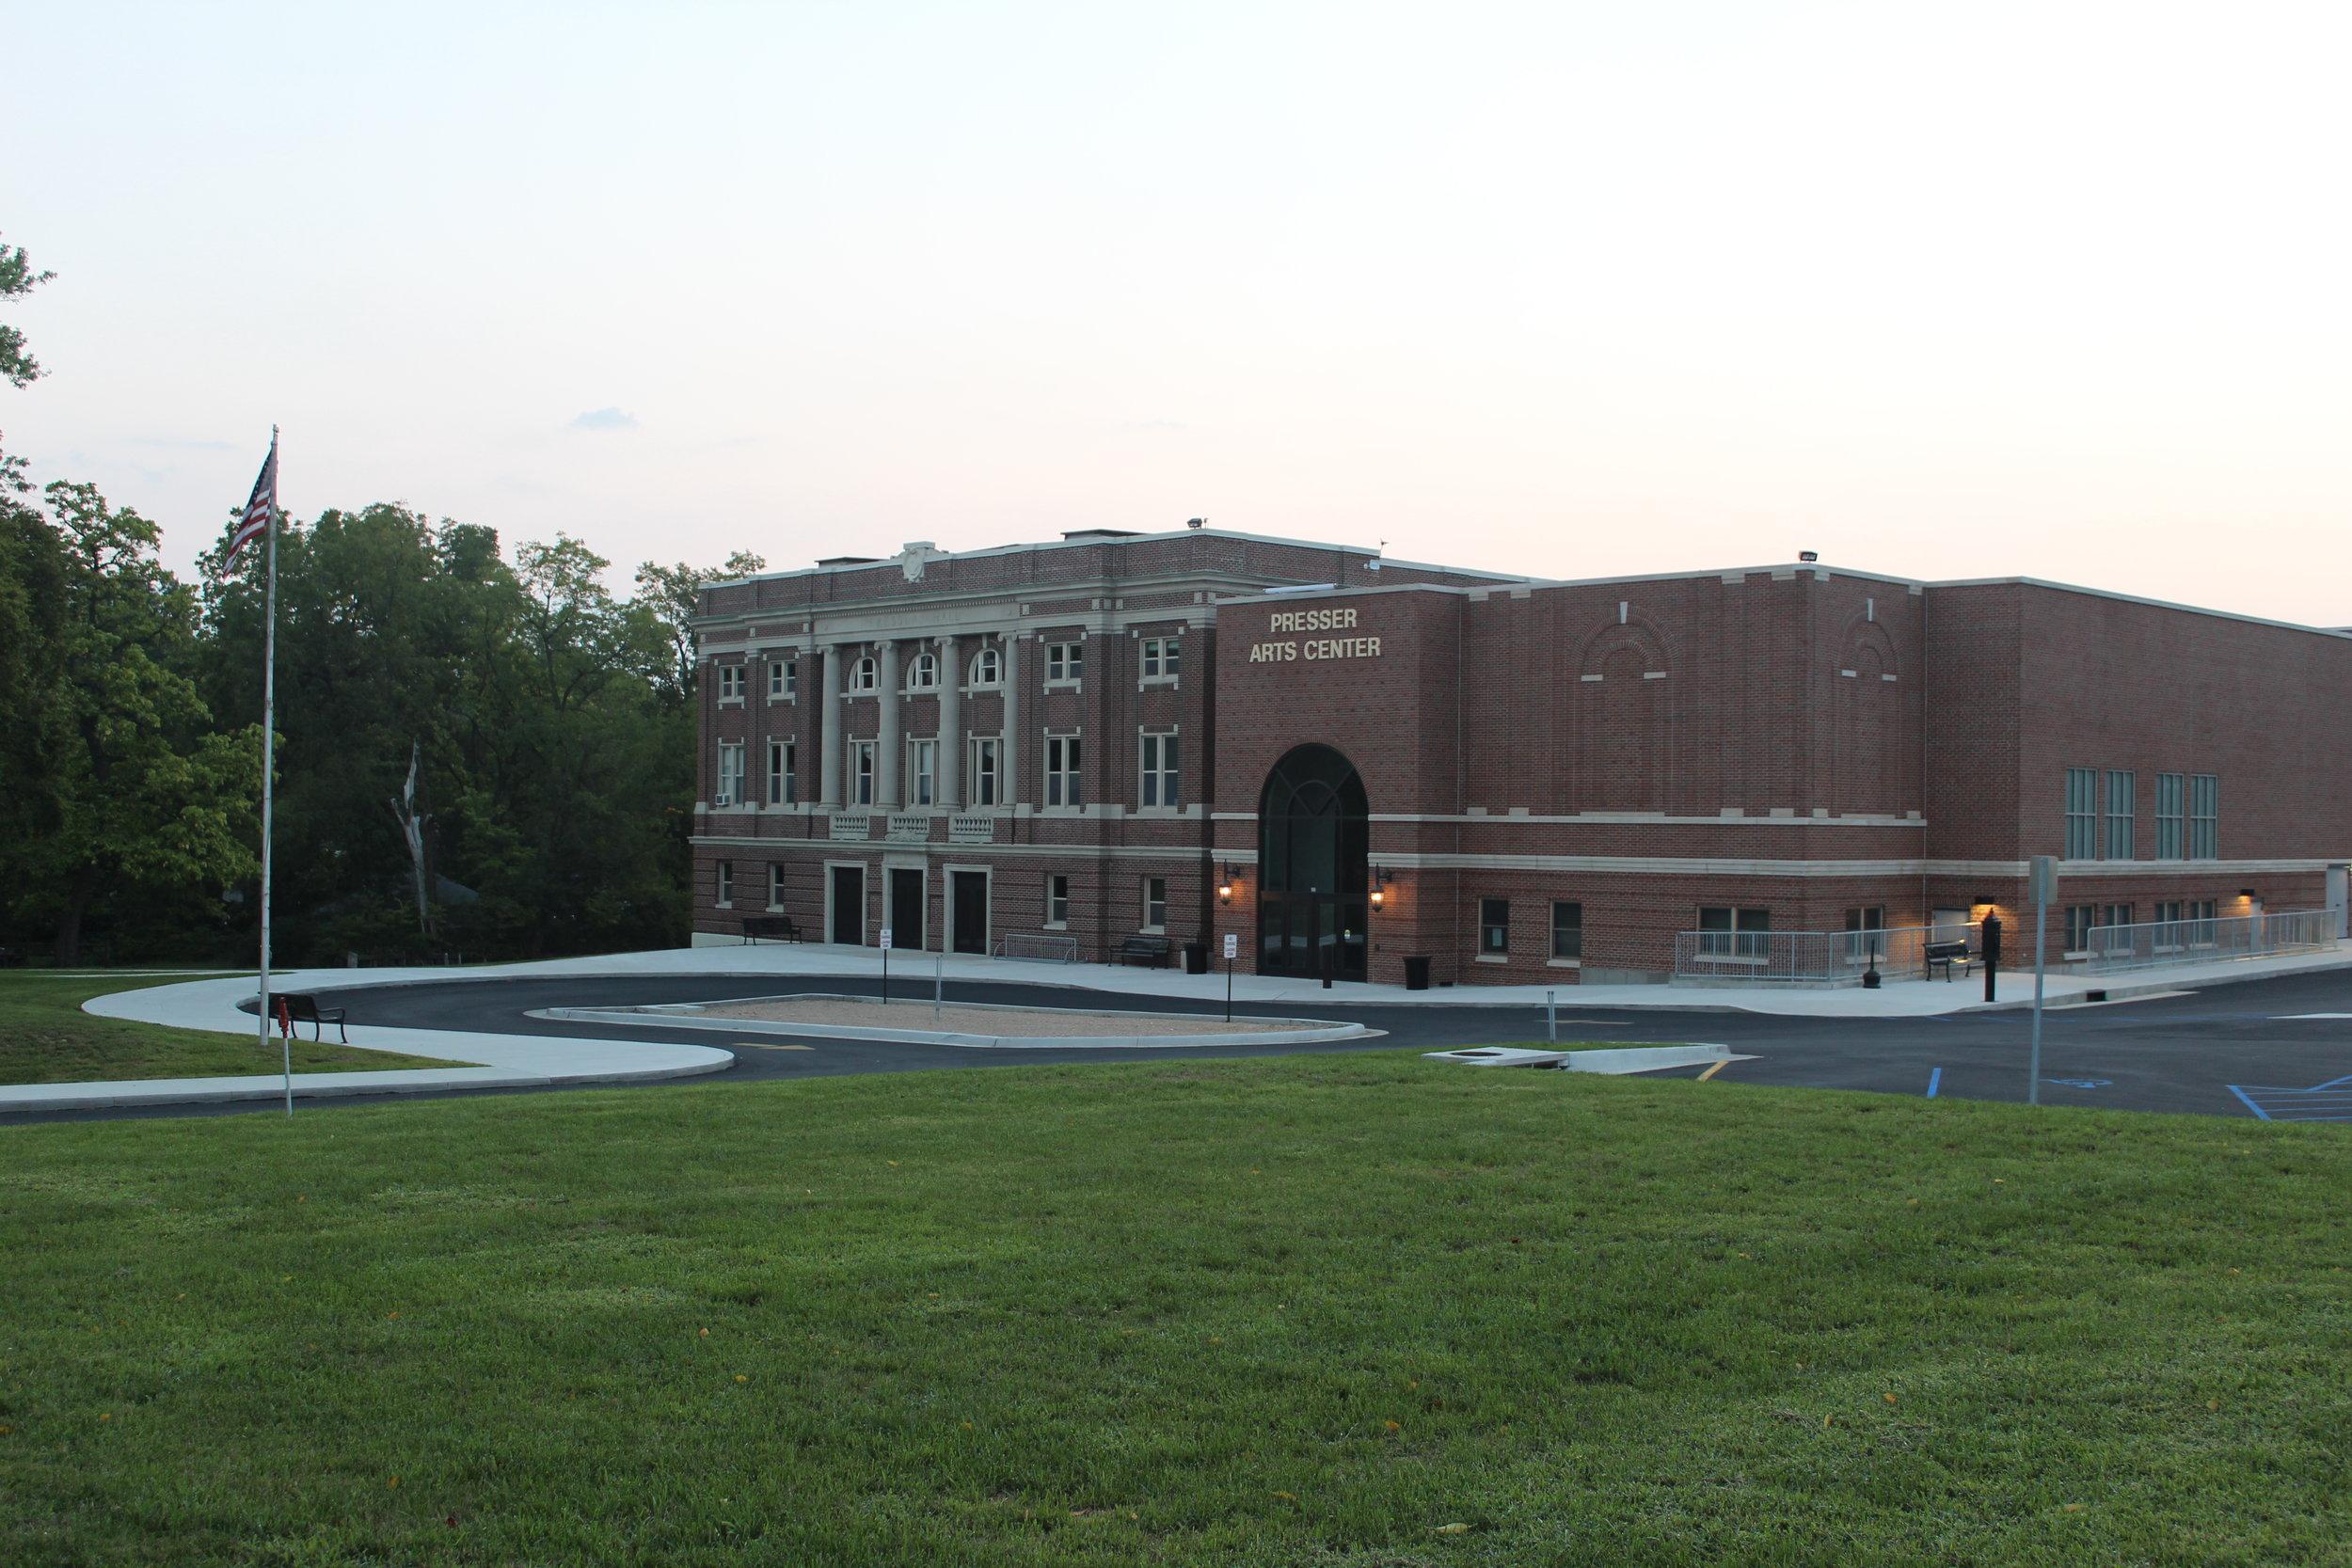 Presser Arts Center